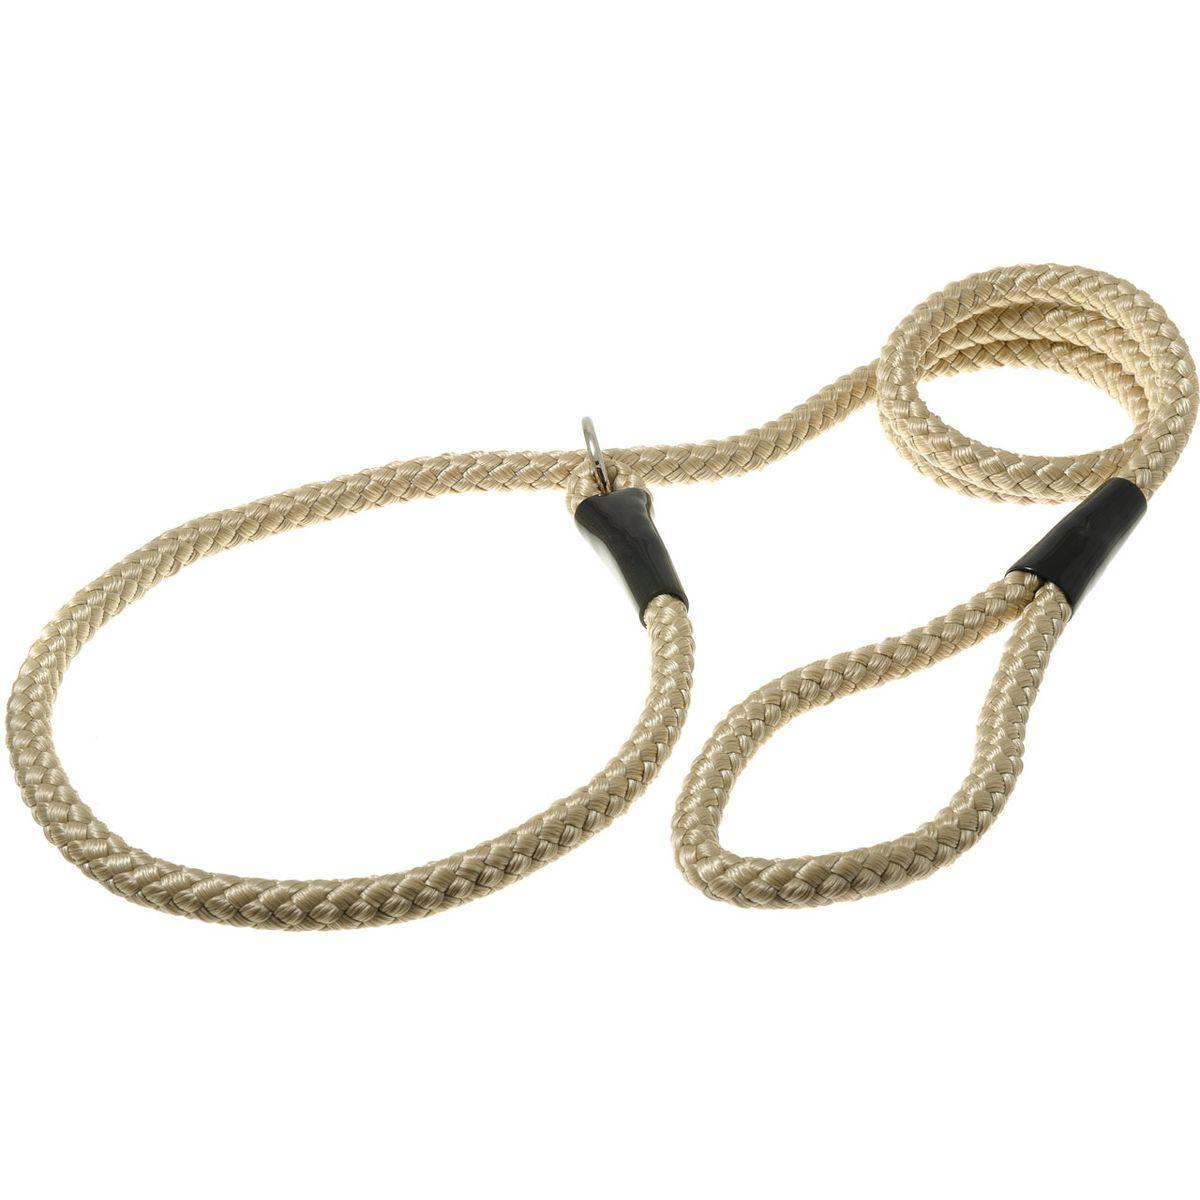 Поводок-удавка с кольцом нейлоновый канат 12мм*170см (кэмел)PDE1268C